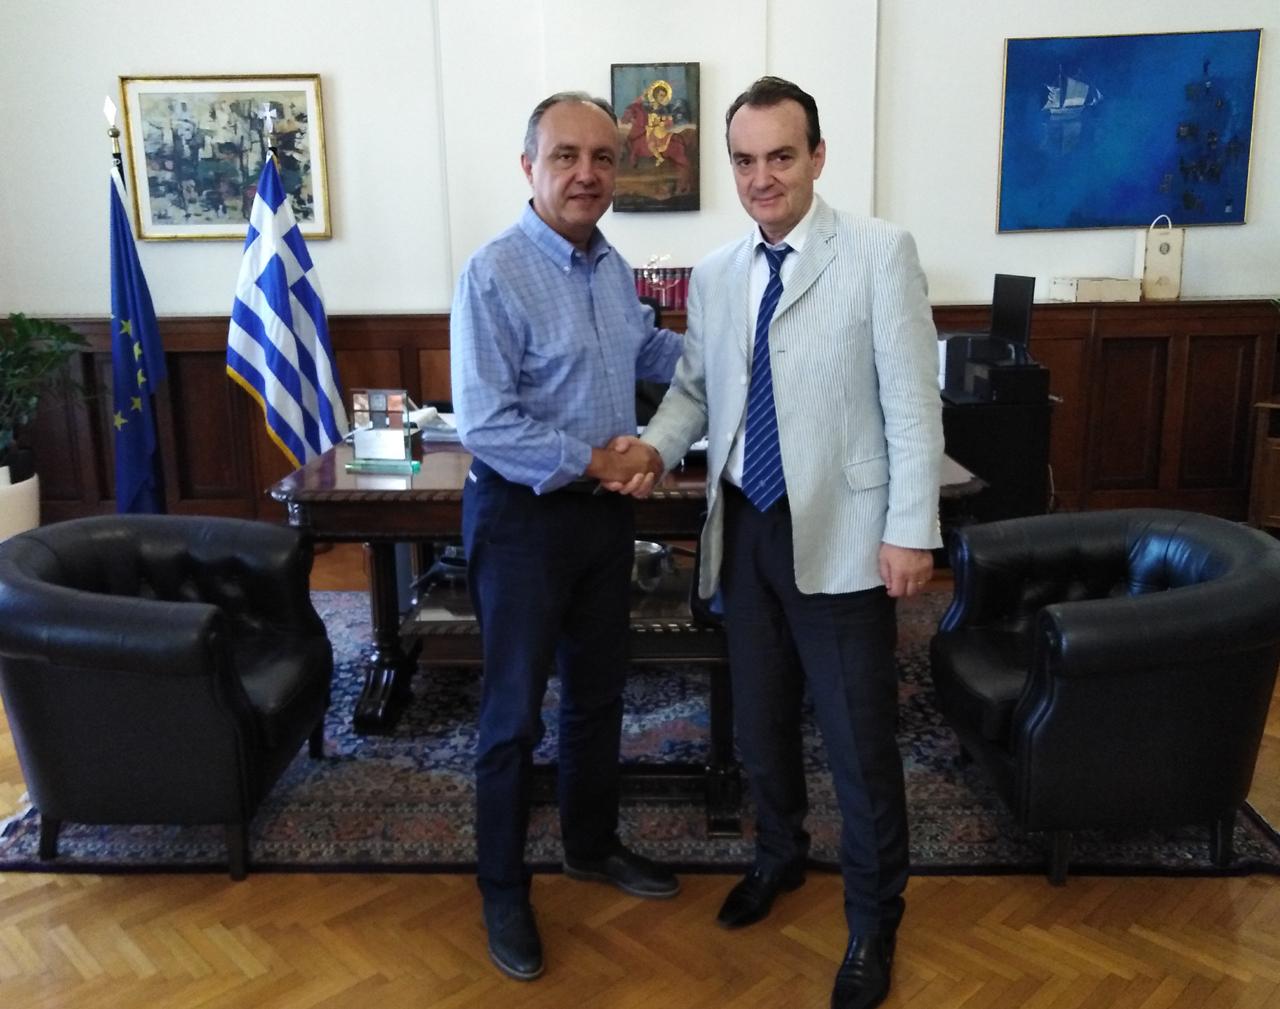 Επίσκεψη του Περιφερειακού Διευθυντή στο Υπουργείο Εσωτερικών    (τομέας Μακεδονίας-Θράκης)